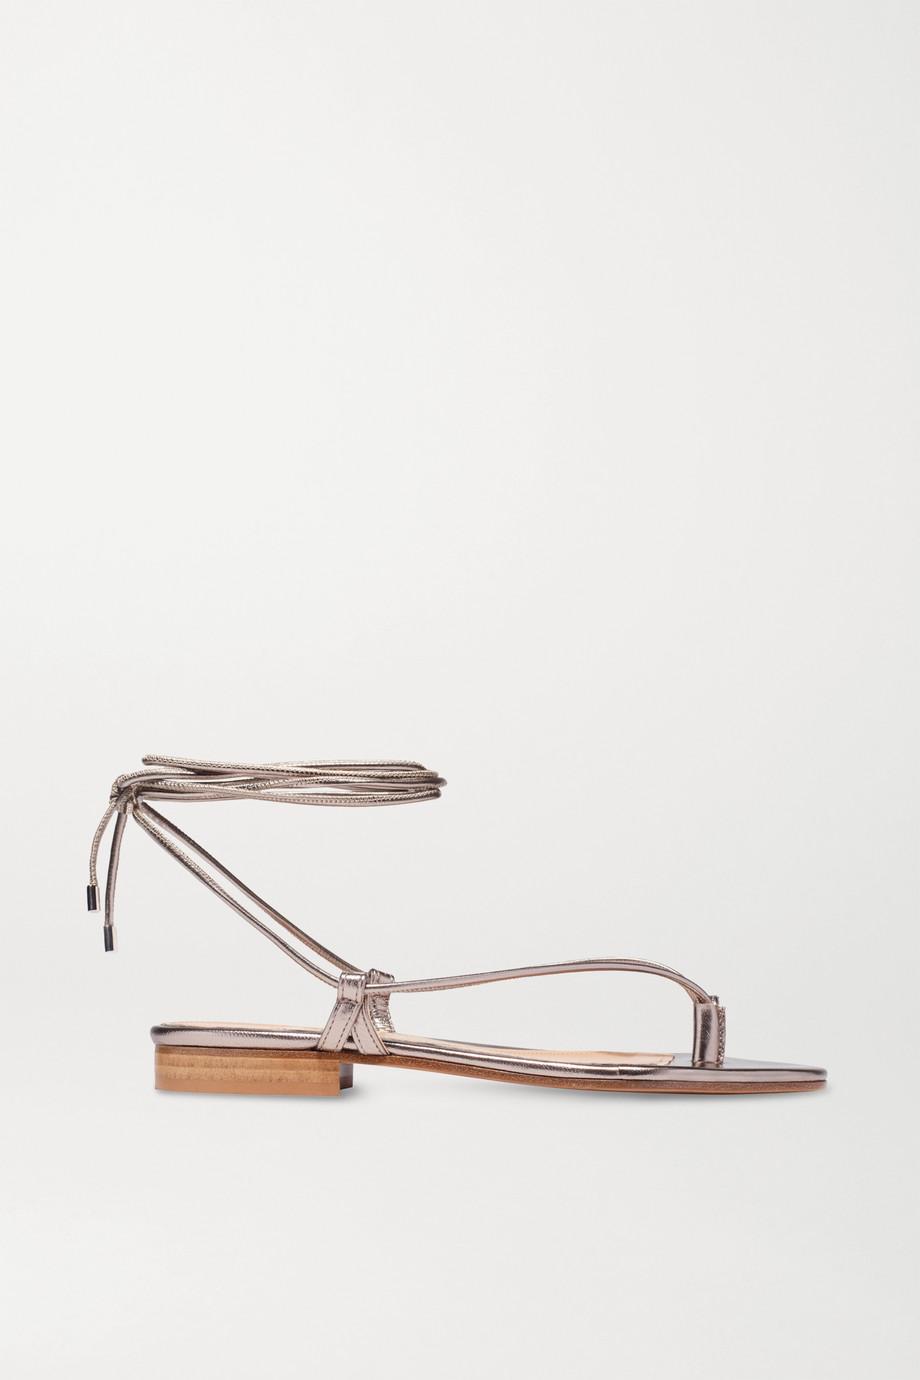 Emme Parsons Sandales en cuir métallisé Ava